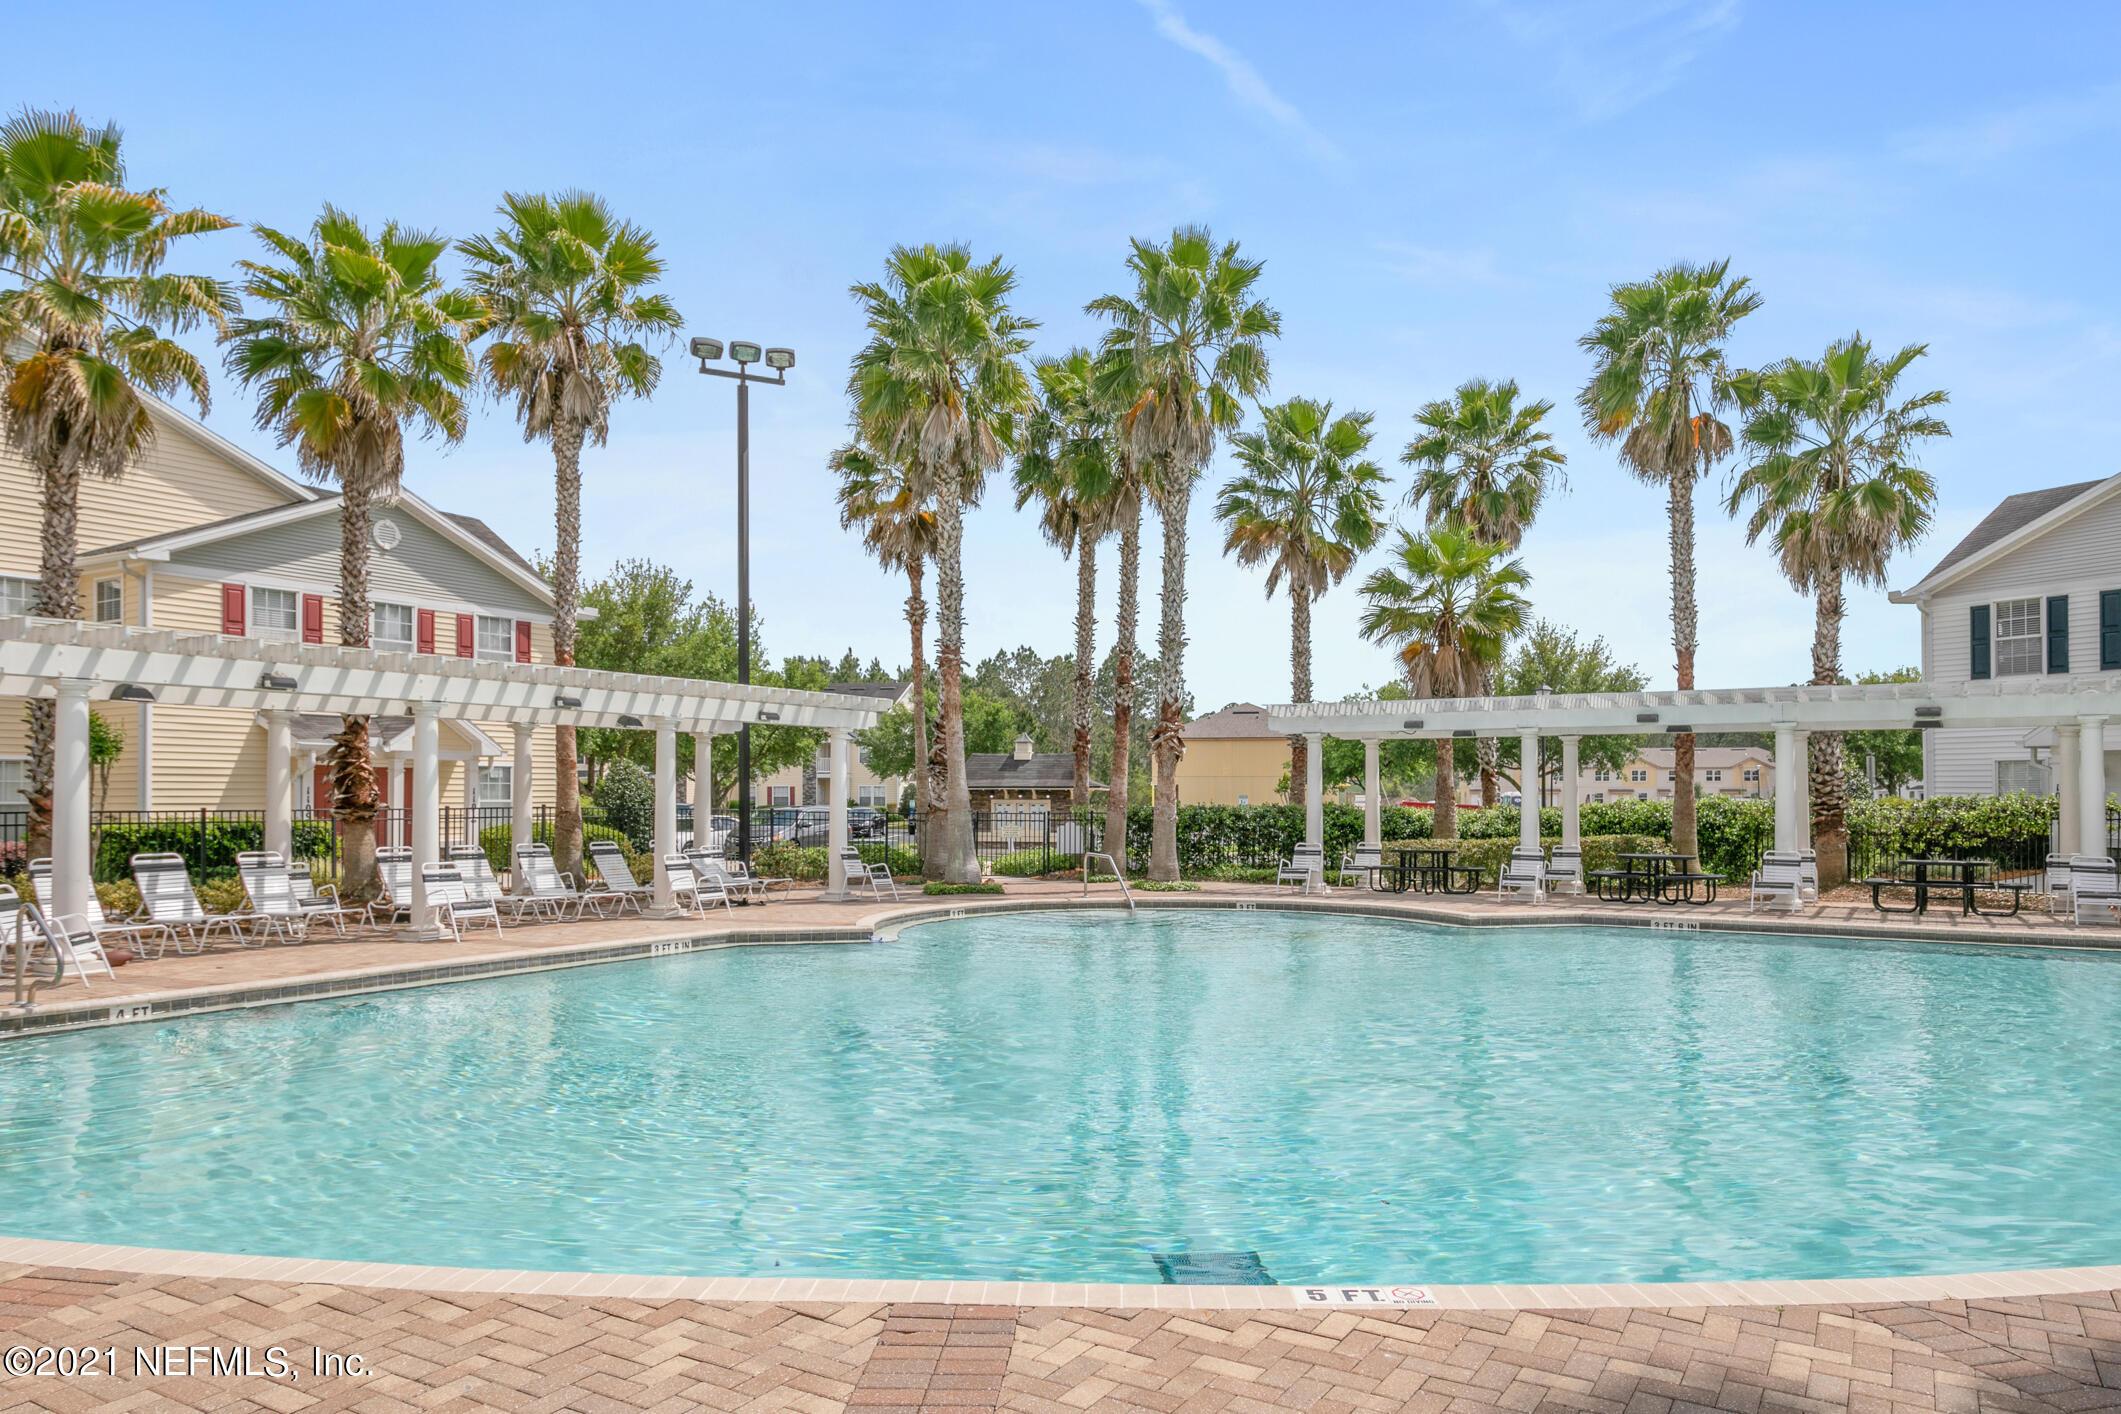 575 OAKLEAF PLANTATION, ORANGE PARK, FLORIDA 32065, 2 Bedrooms Bedrooms, ,2 BathroomsBathrooms,Residential,For sale,OAKLEAF PLANTATION,1105722